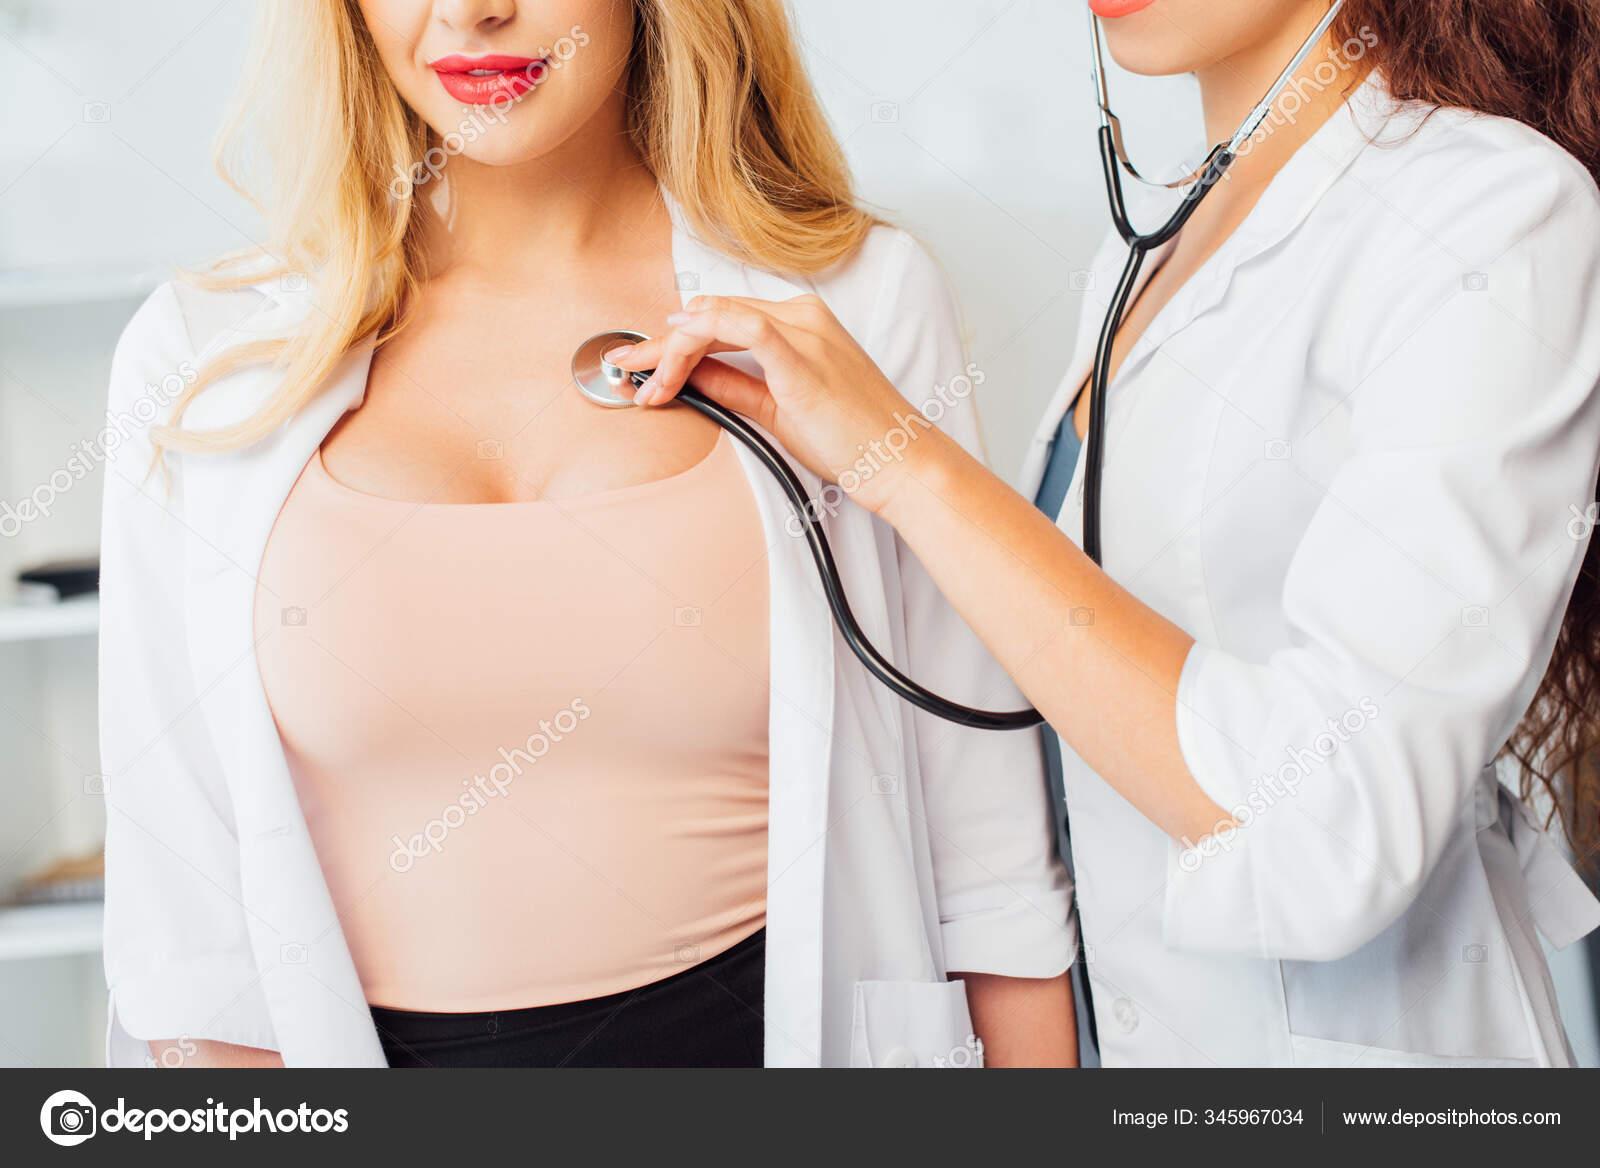 Ausgeschnittene Ansicht Einer Sexy Krankenschwester Die